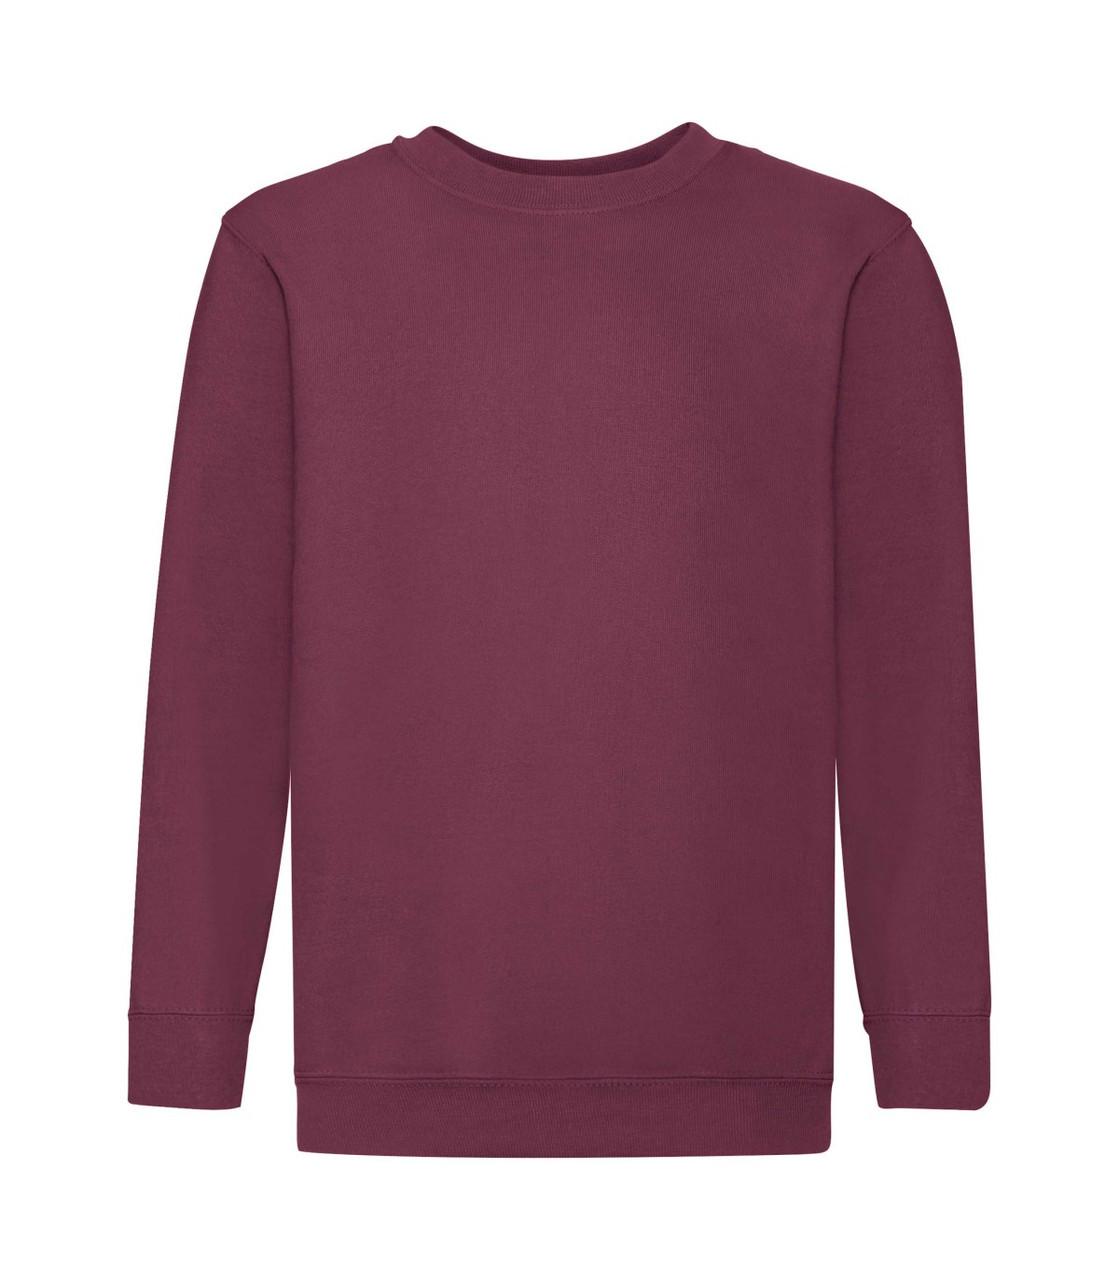 Детский свитер премиум утепленный бордовый 031-41